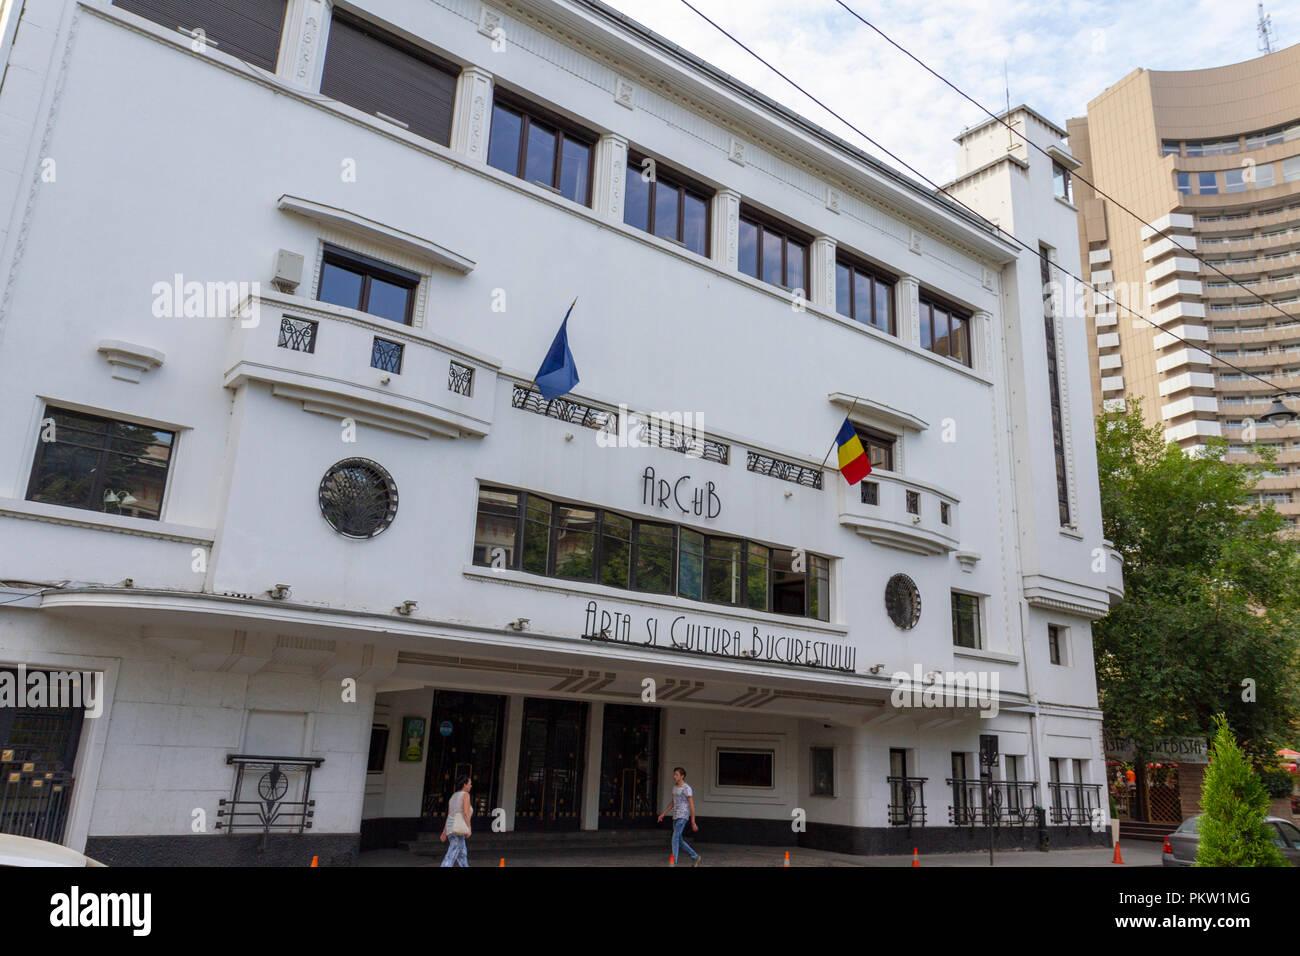 The Arta si Cultura Bucuresti in Bucharest, Romania. - Stock Image